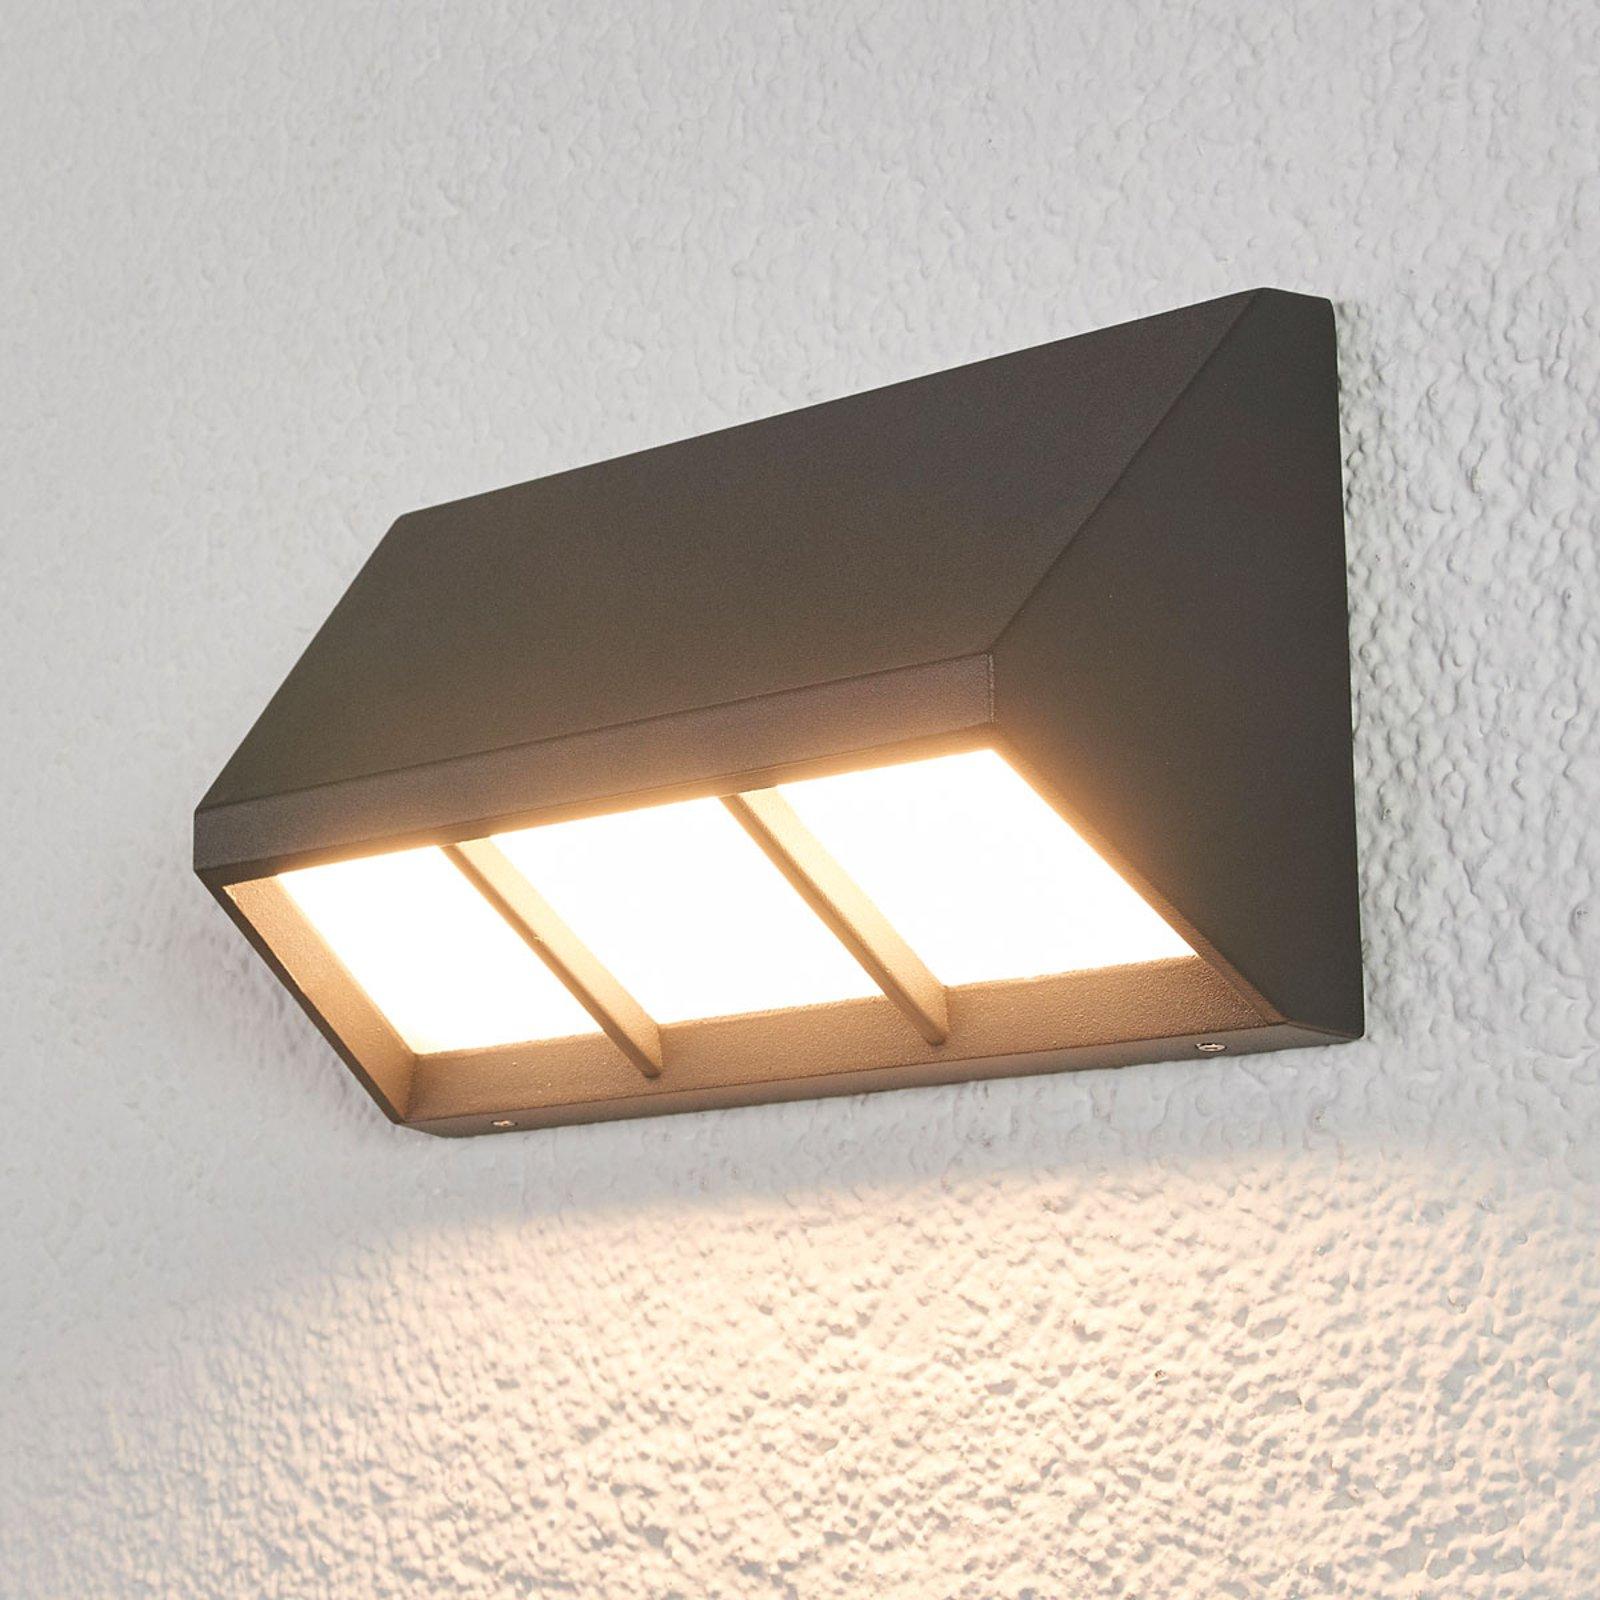 LED-utelampe Cedrick med nedoverrettet lys